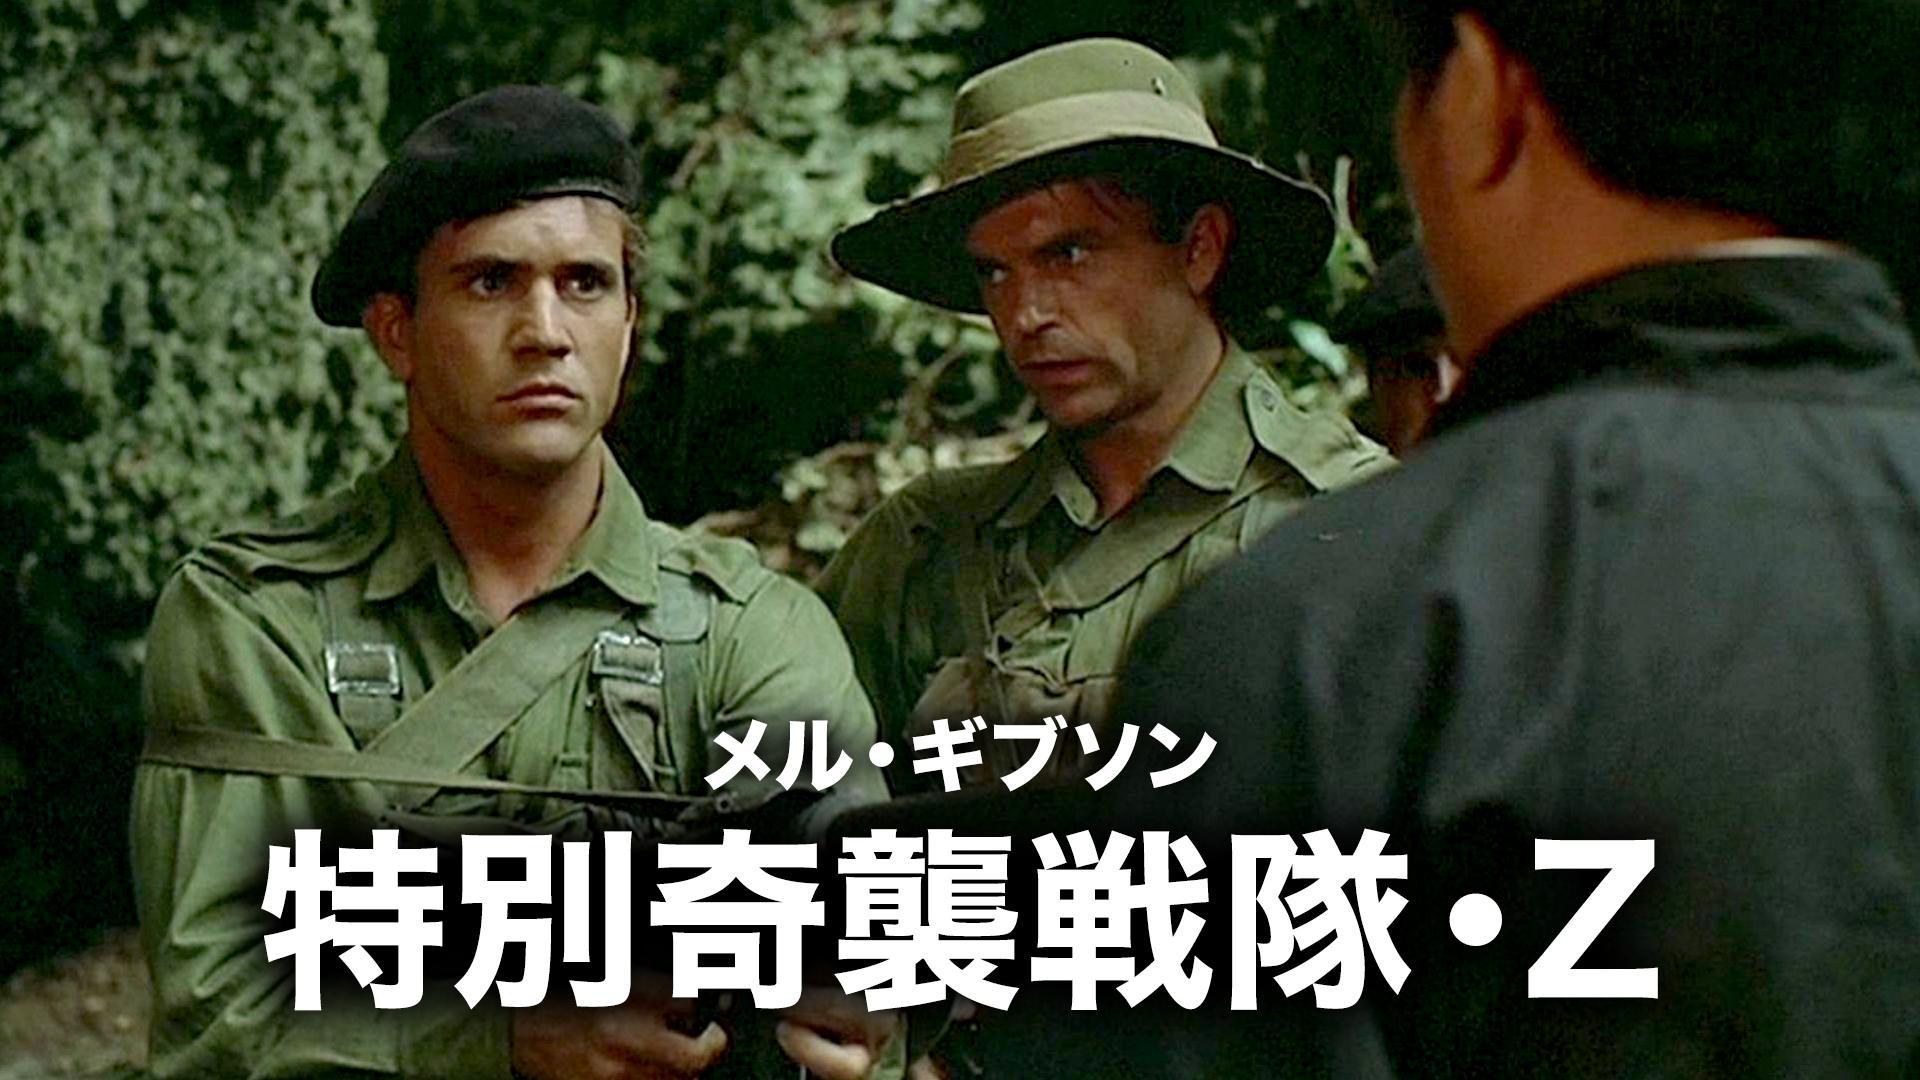 メル・ギブソン/特別奇襲戦隊・Z